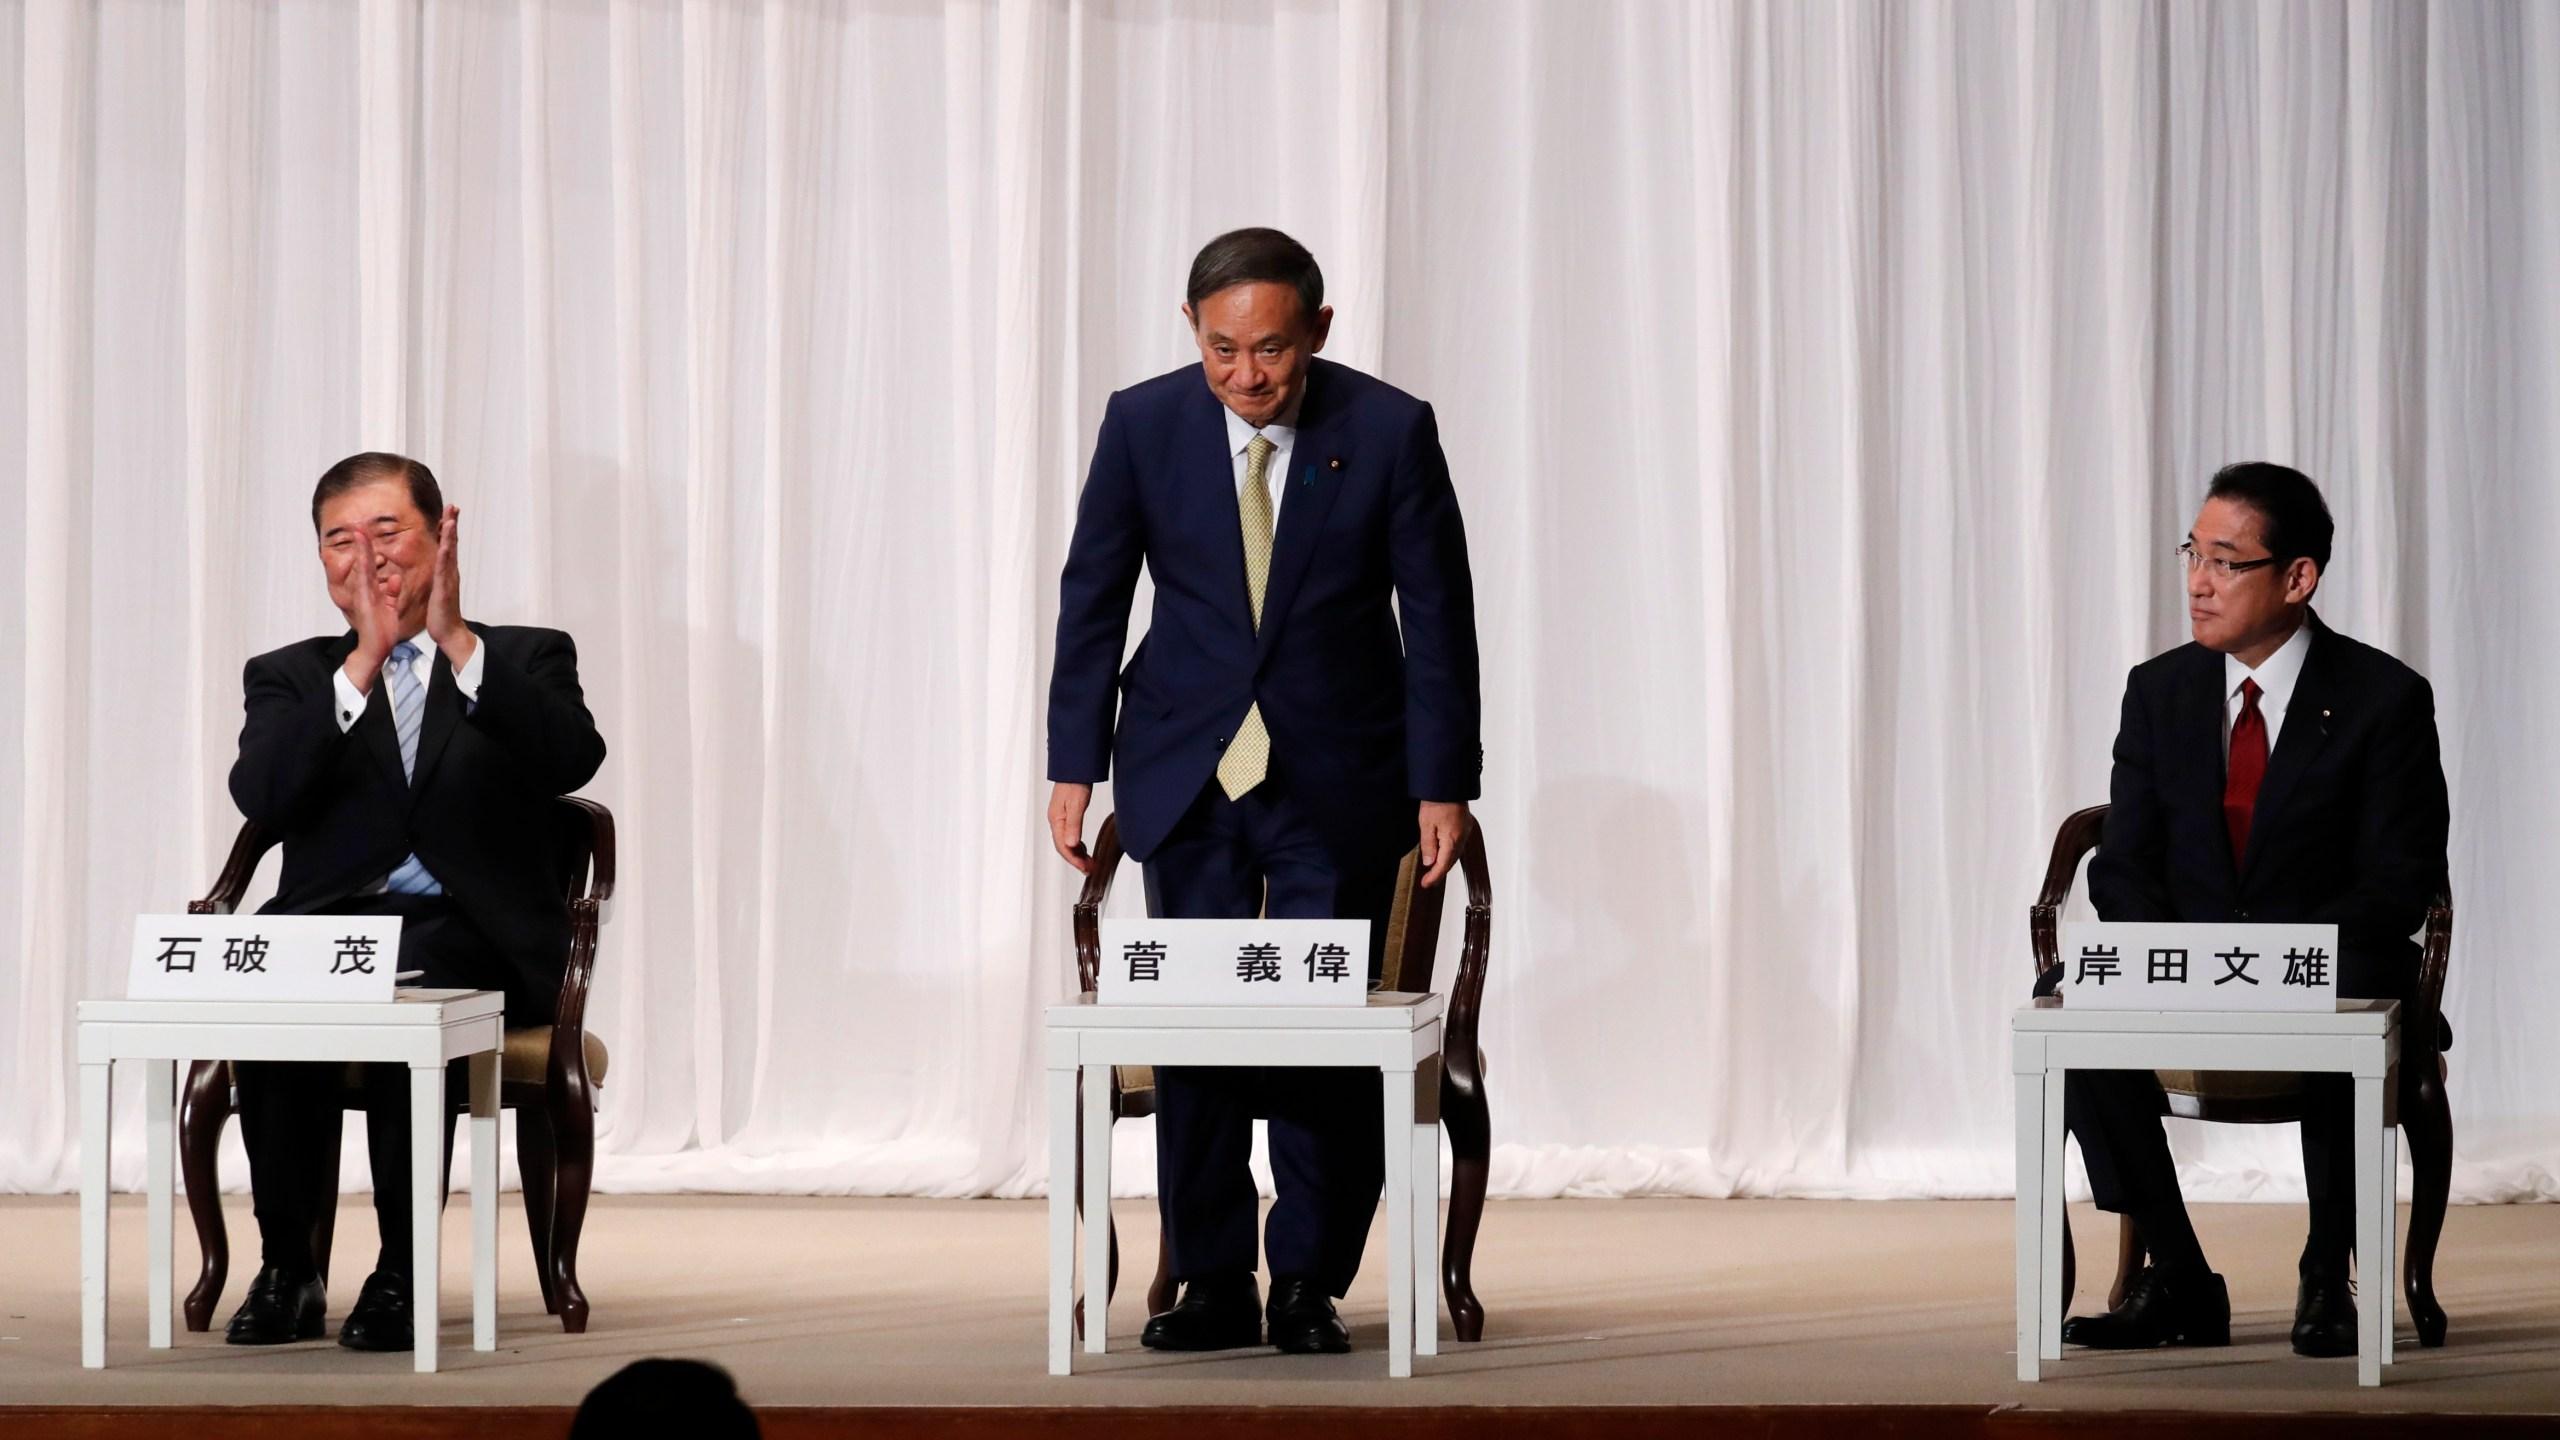 Yoshihide Suga, Shigeru Ishiba, Fumio Kishida